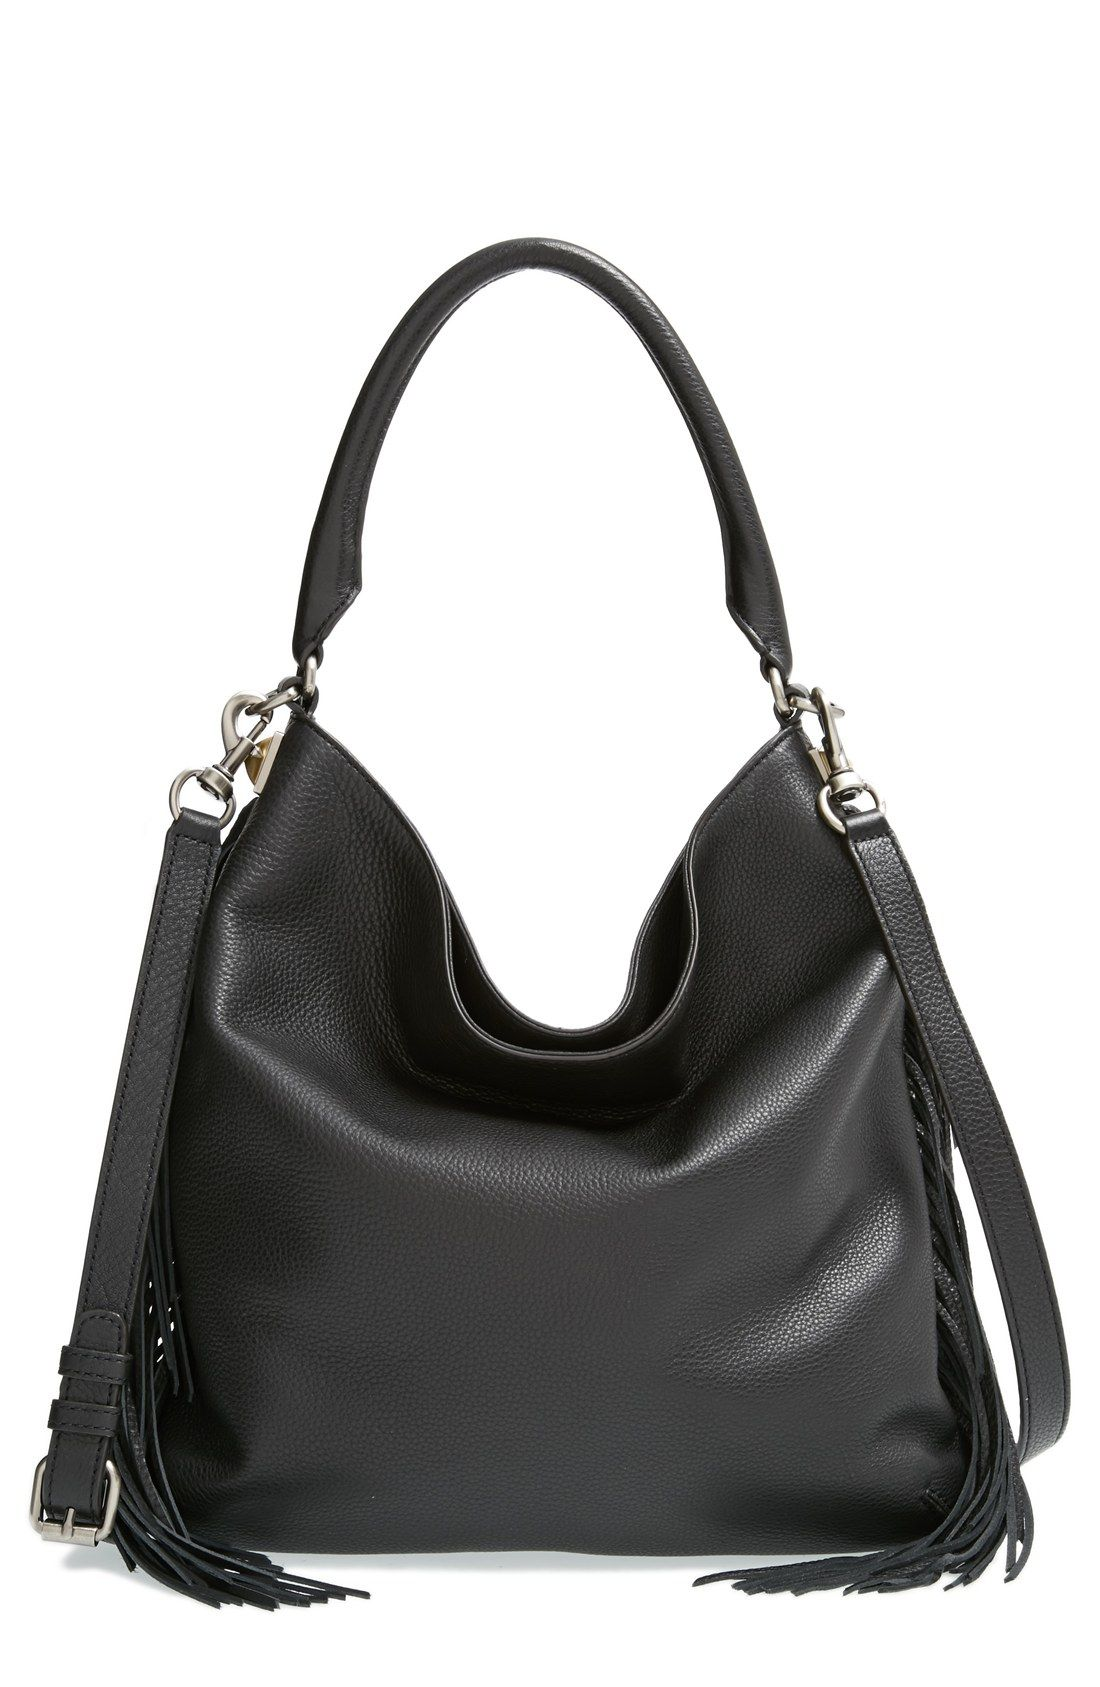 Rebecca Minkoff 'Clark' Hobo Bag